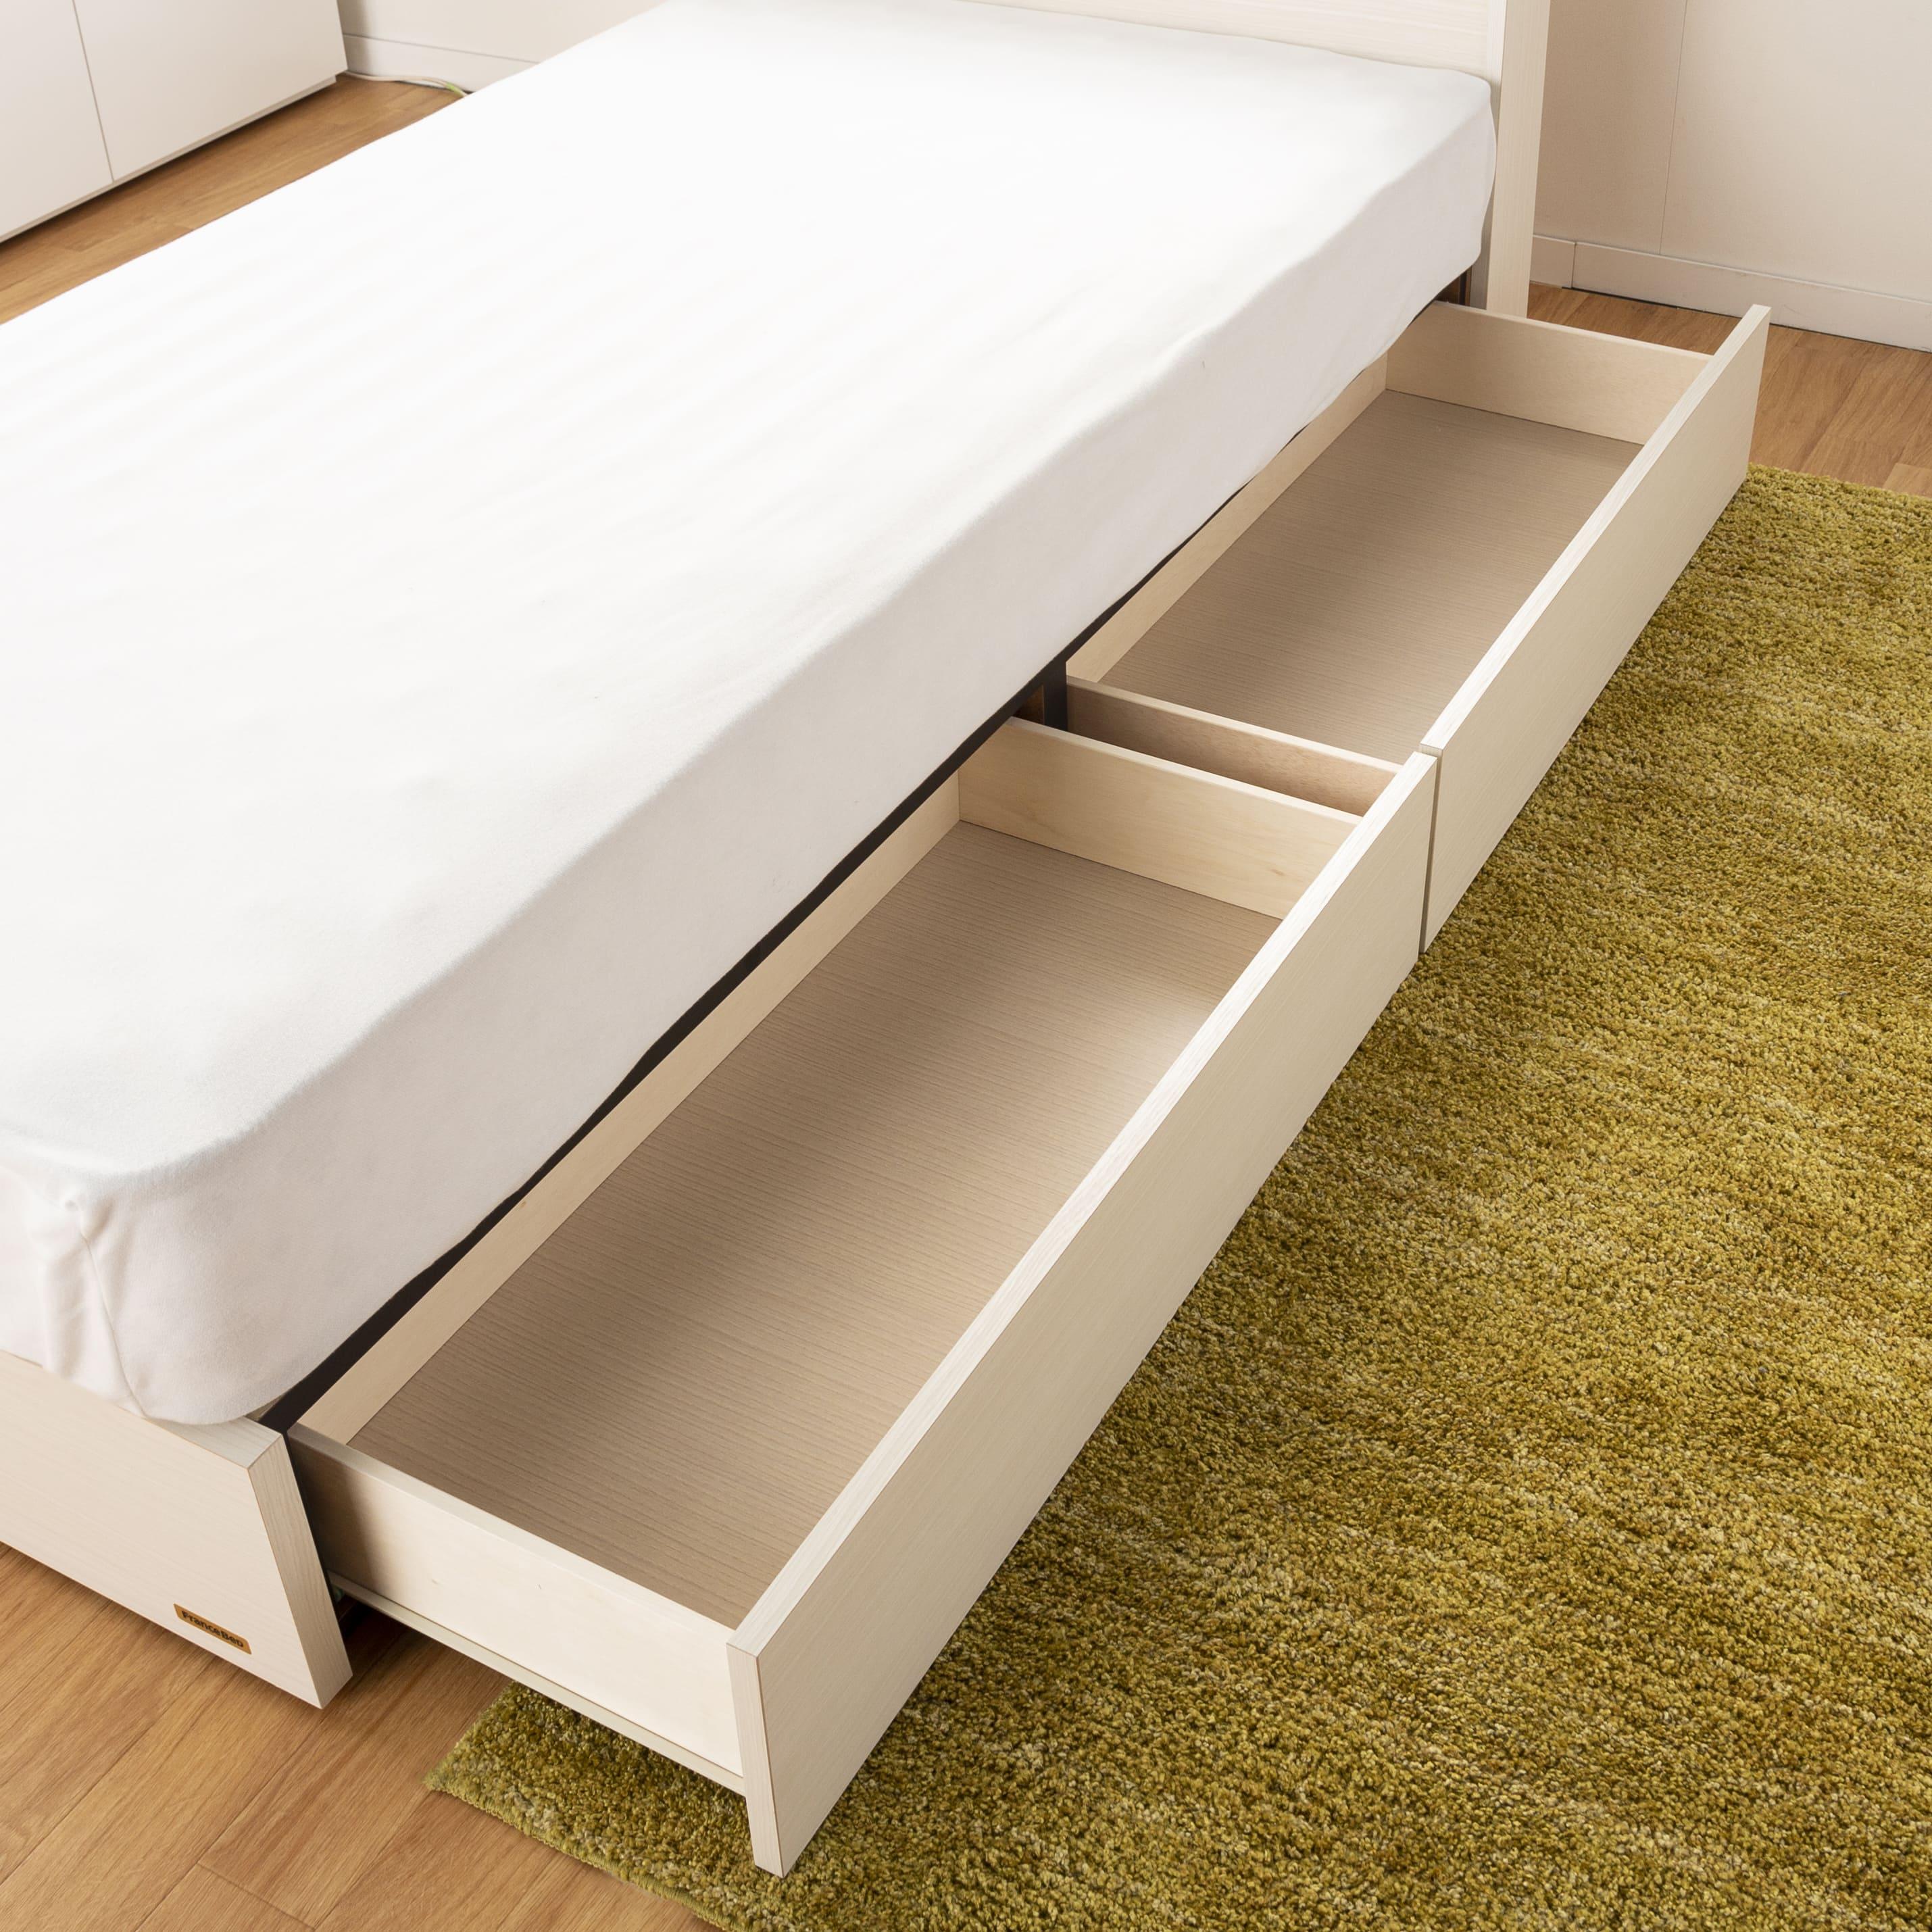 シングルベッド コスモプラス�U/BO−030 ウォールナット:衣類の収納に大活躍★